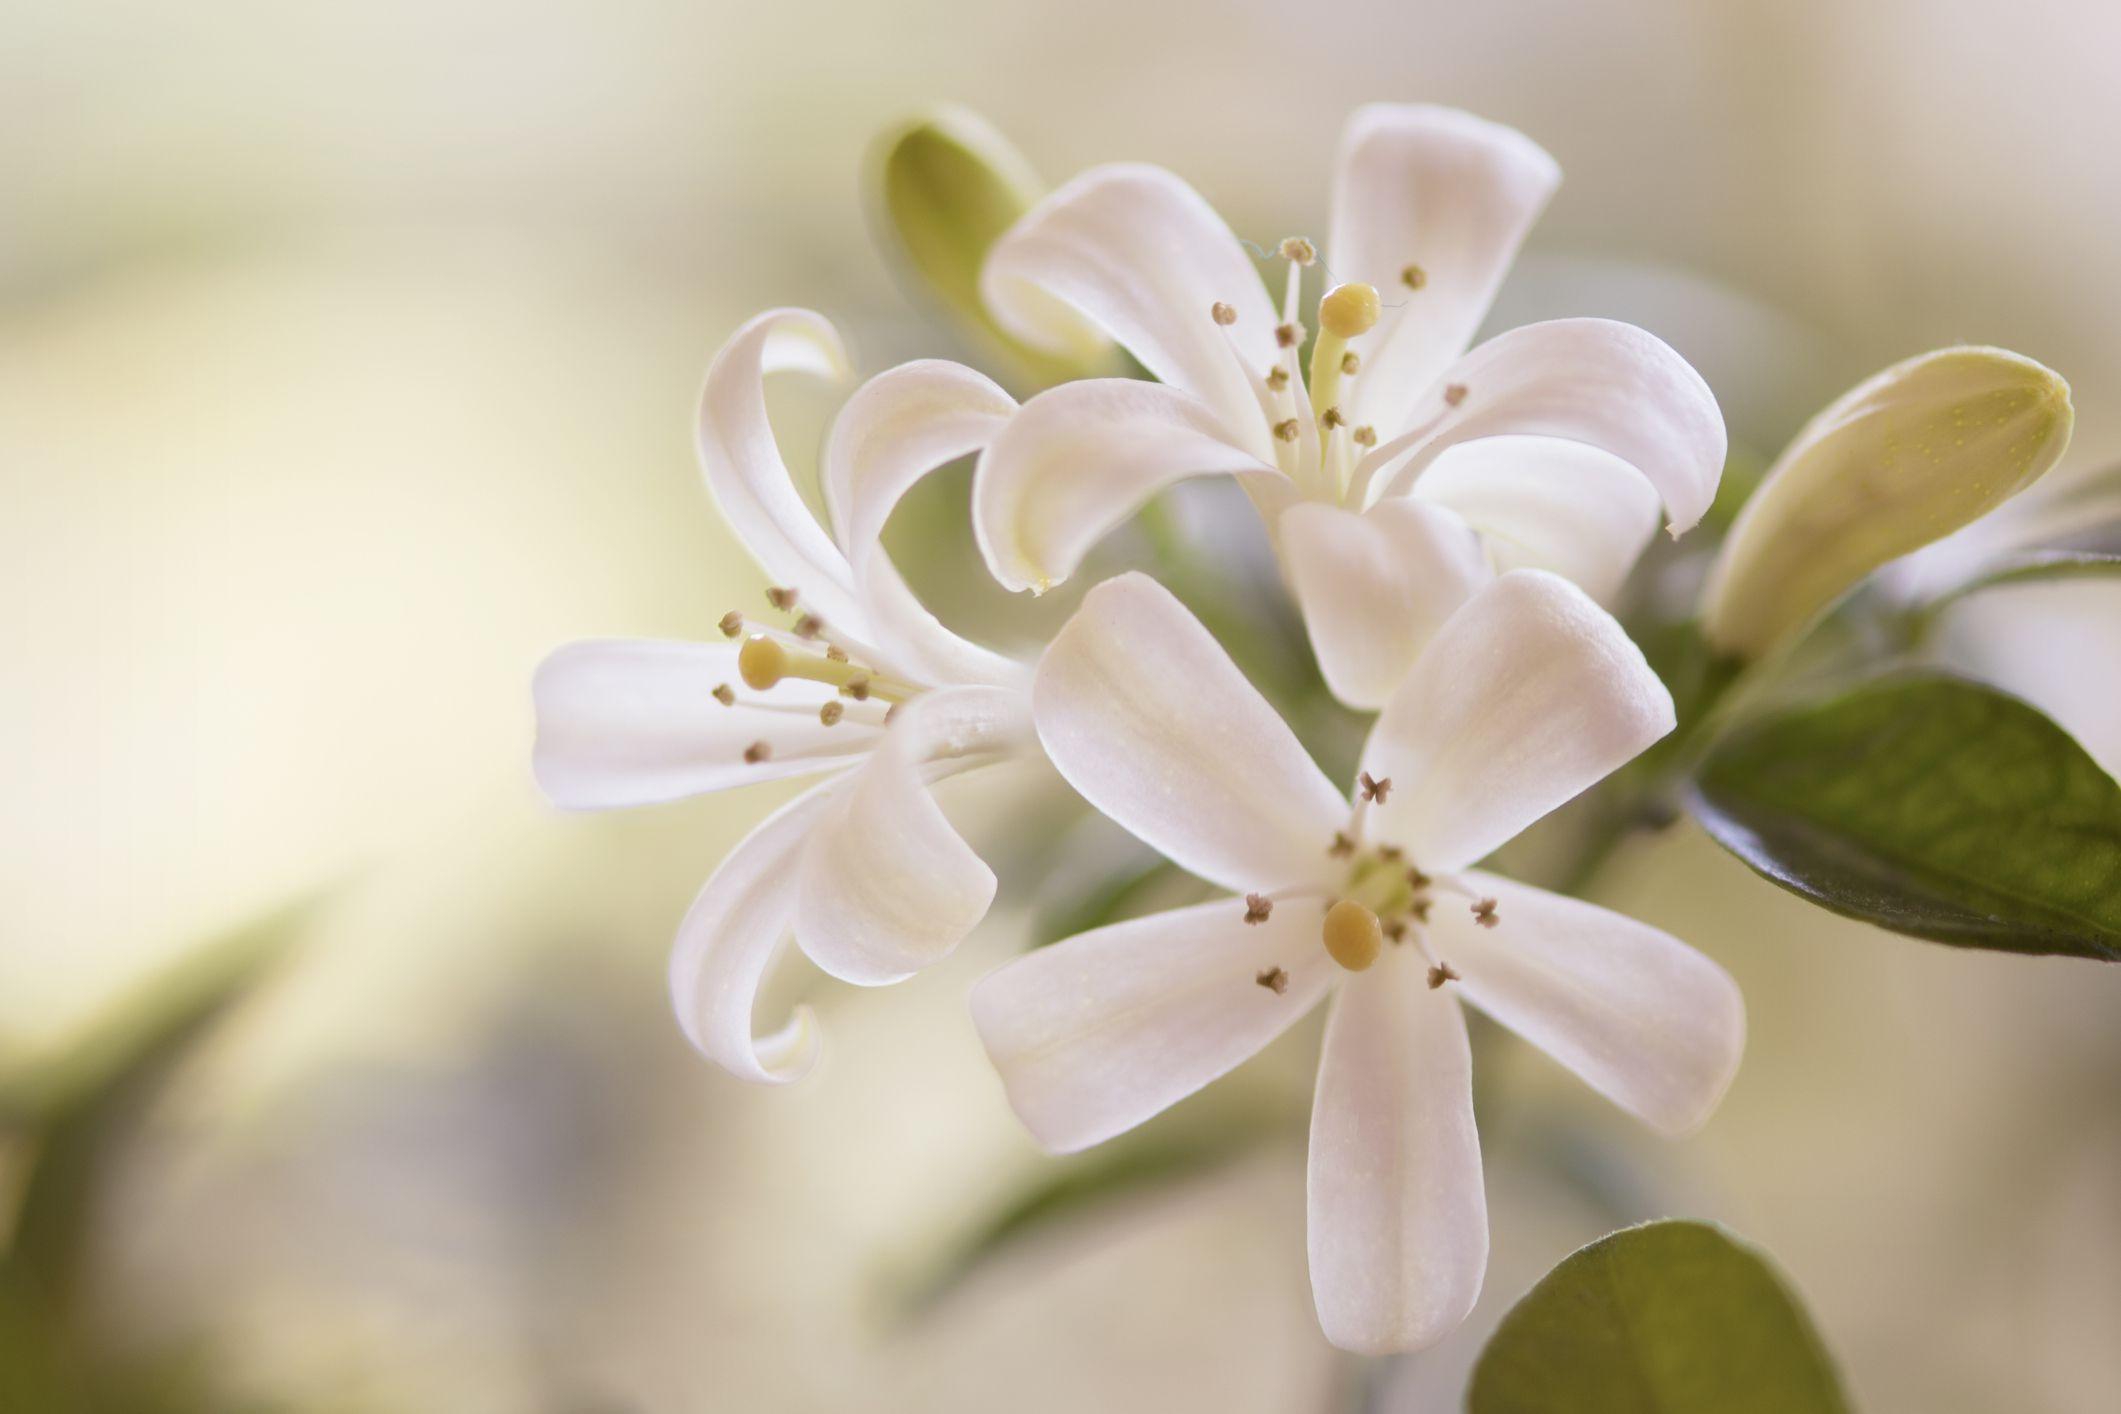 Growing Orange Jasmine In The Home Garden